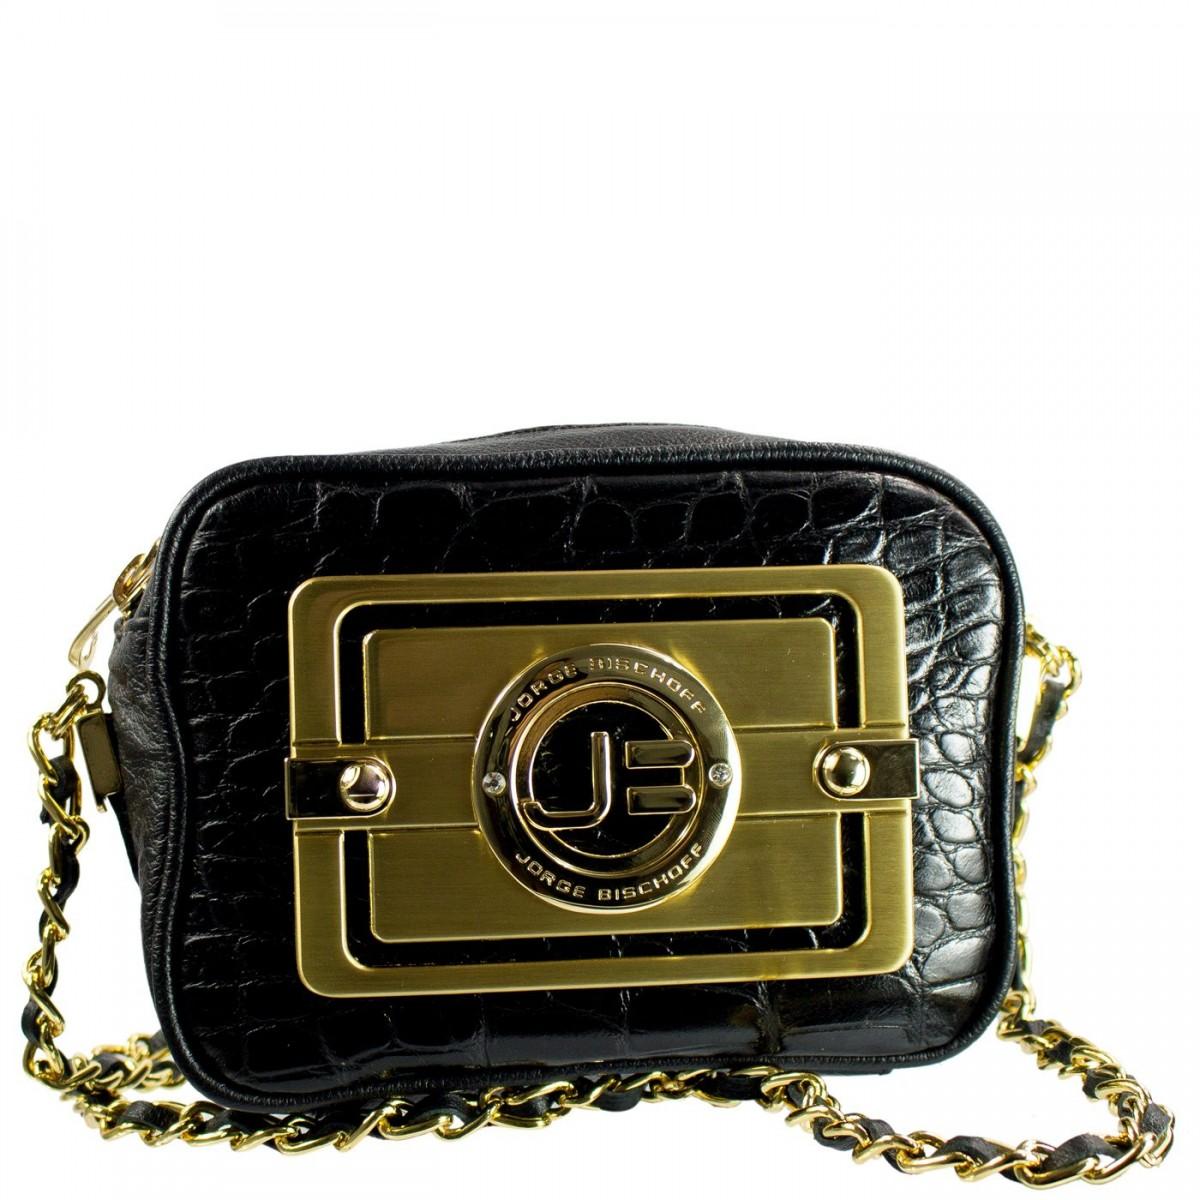 2459b4ec4 Bizz Store - Bolsa Clutch Feminina Jorge Bischoff Croco Couro